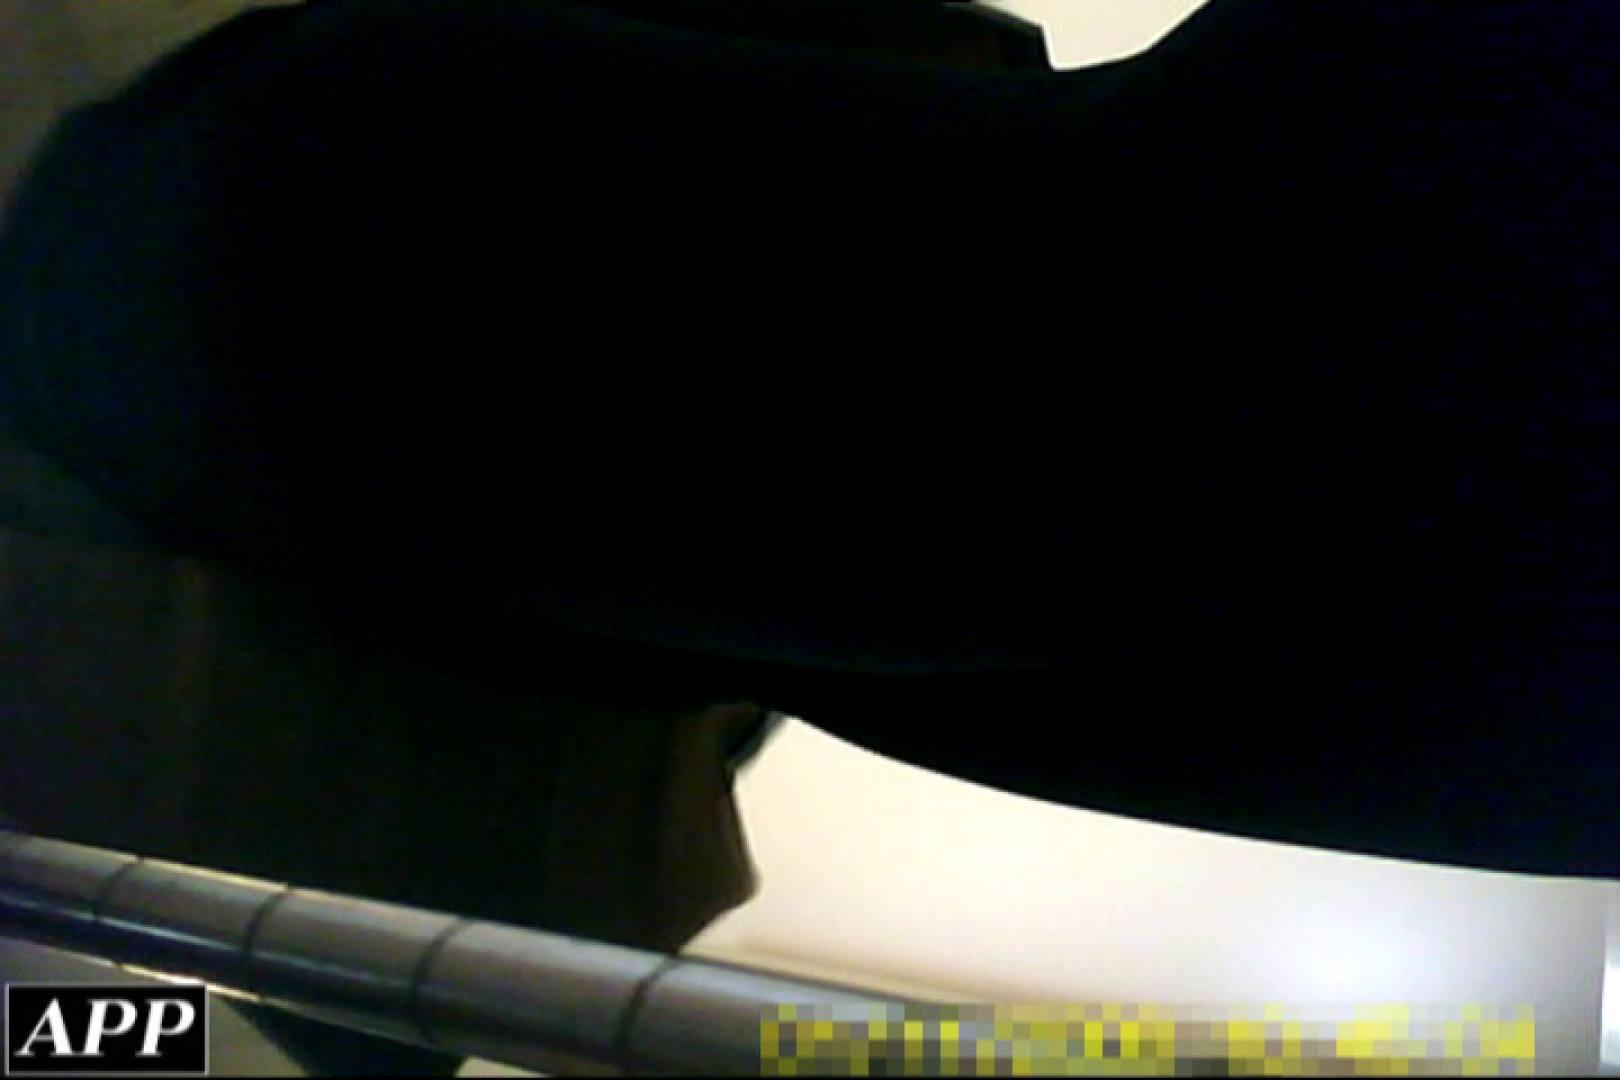 3視点洗面所 vol.024 OLの実態   洗面所  93pic 25